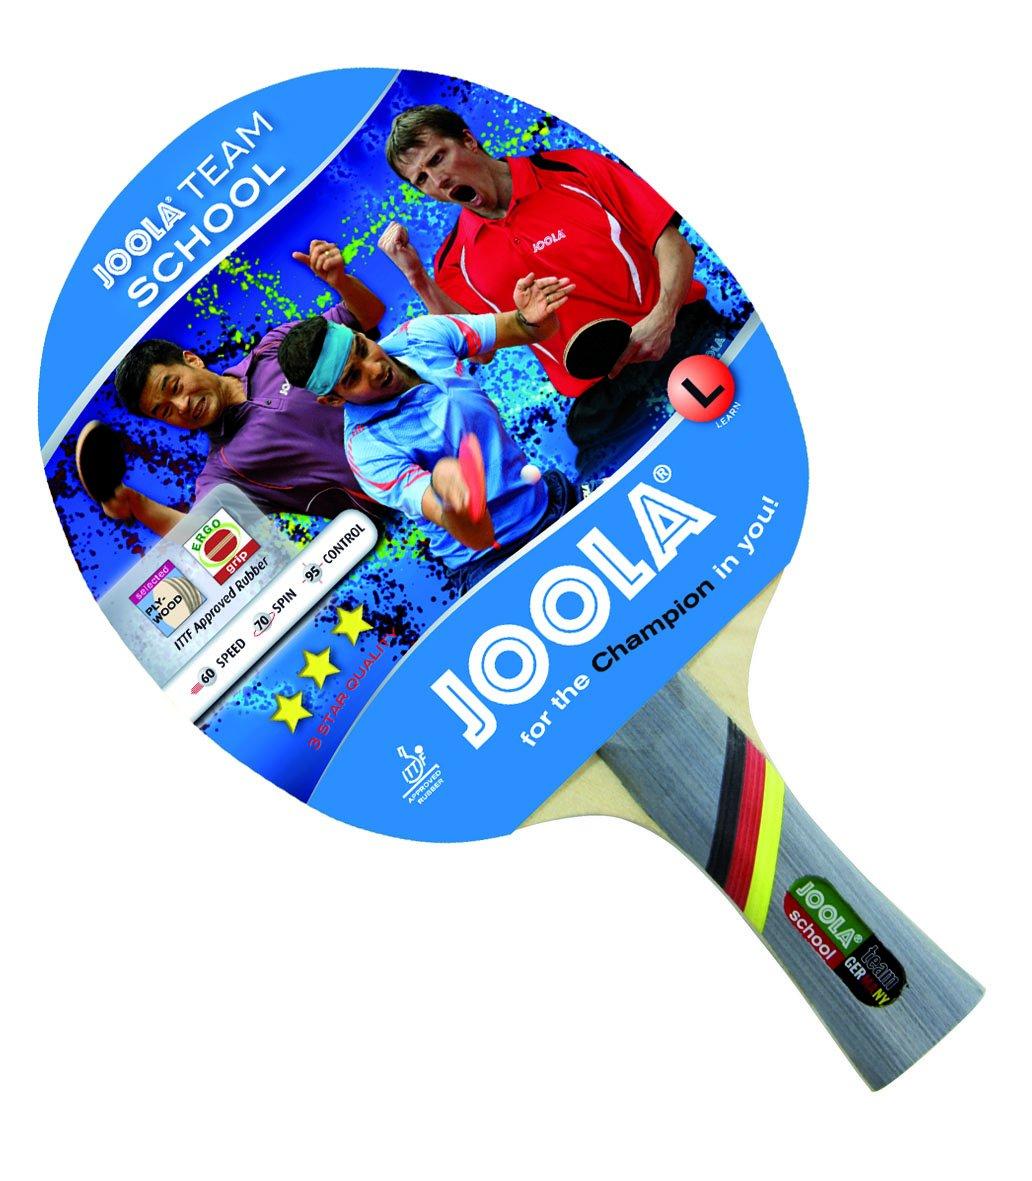 Joola Tischtennis Komplettschläger Team School, 52000